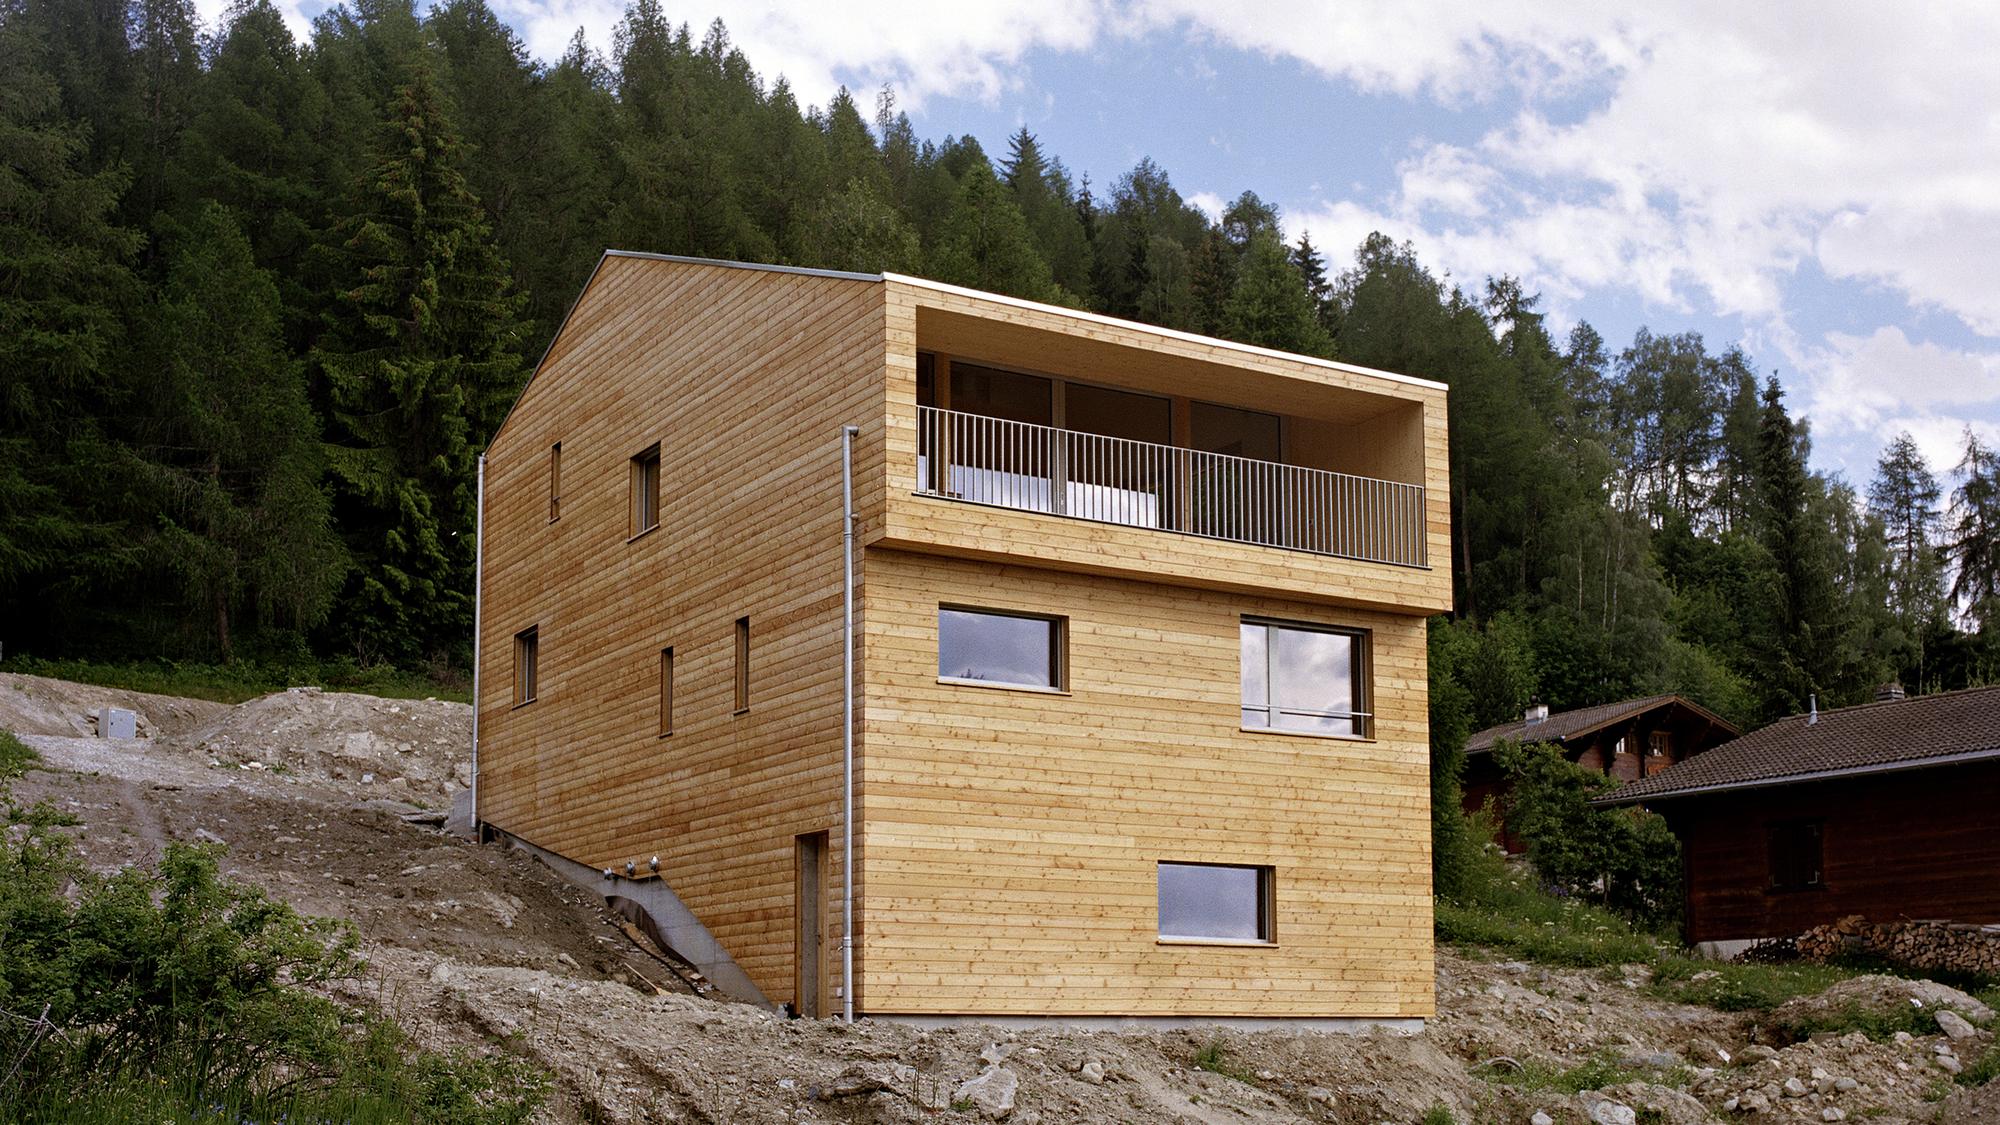 Alt 1374 - Nax / Lx1 Architecture, © Luca da Campo / Strates